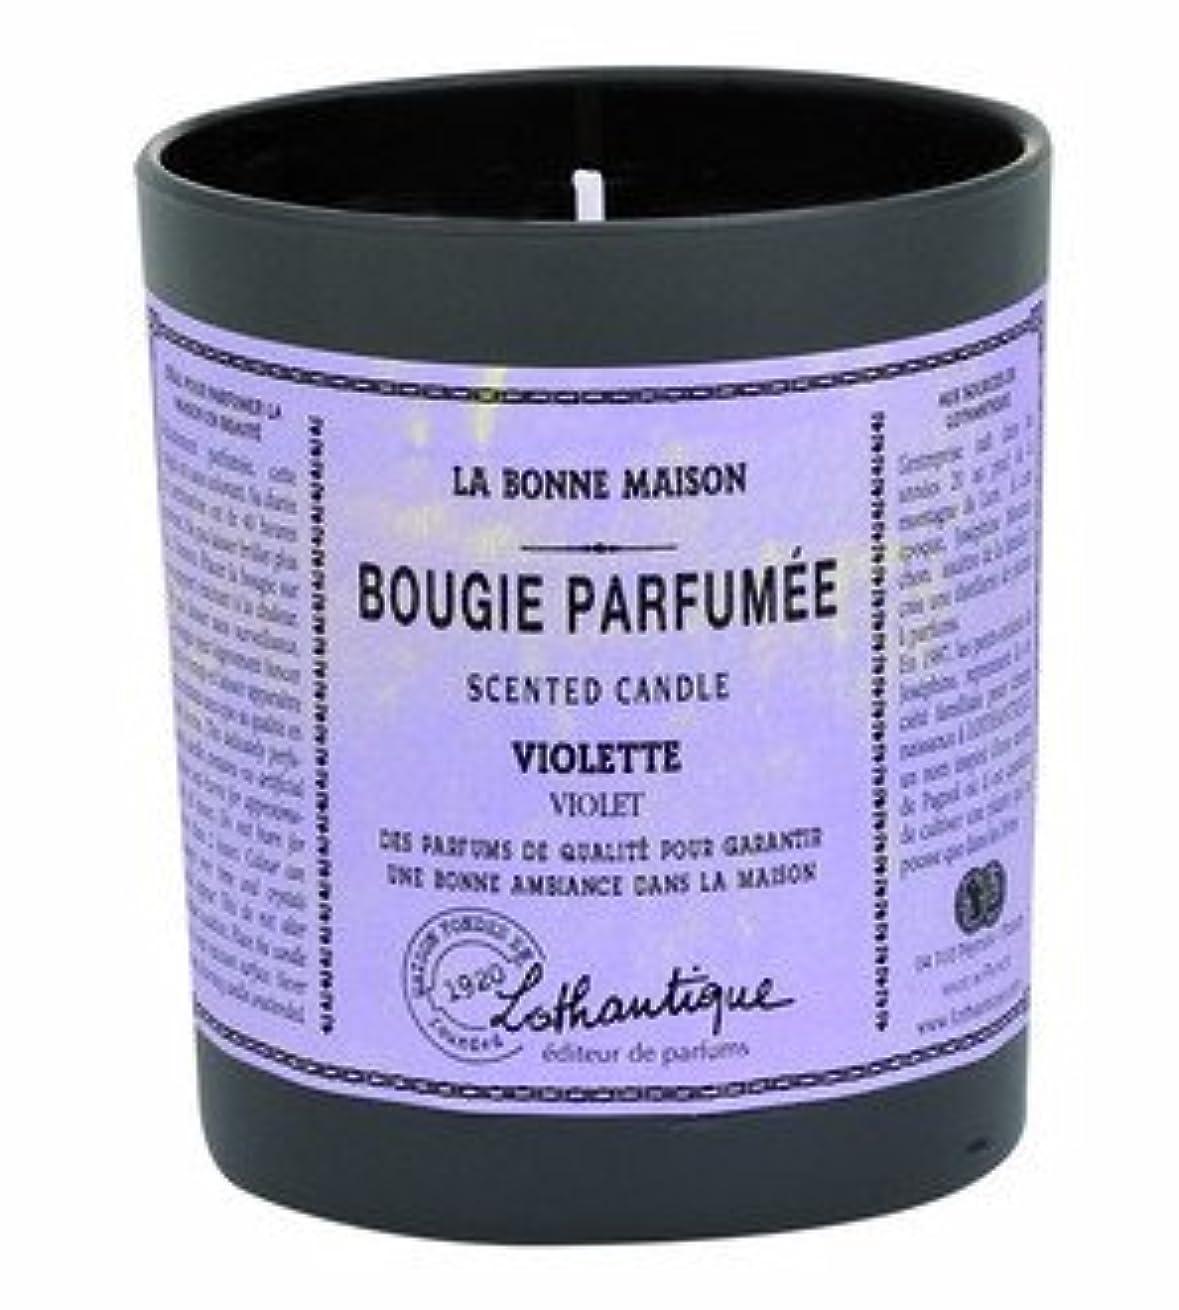 農奴ミンチリダクターLothantique(ロタンティック) LES Bonne Maison(ボンメゾンシリーズ) グラスキャンドル 160g 「ミモザ」 3420070039422